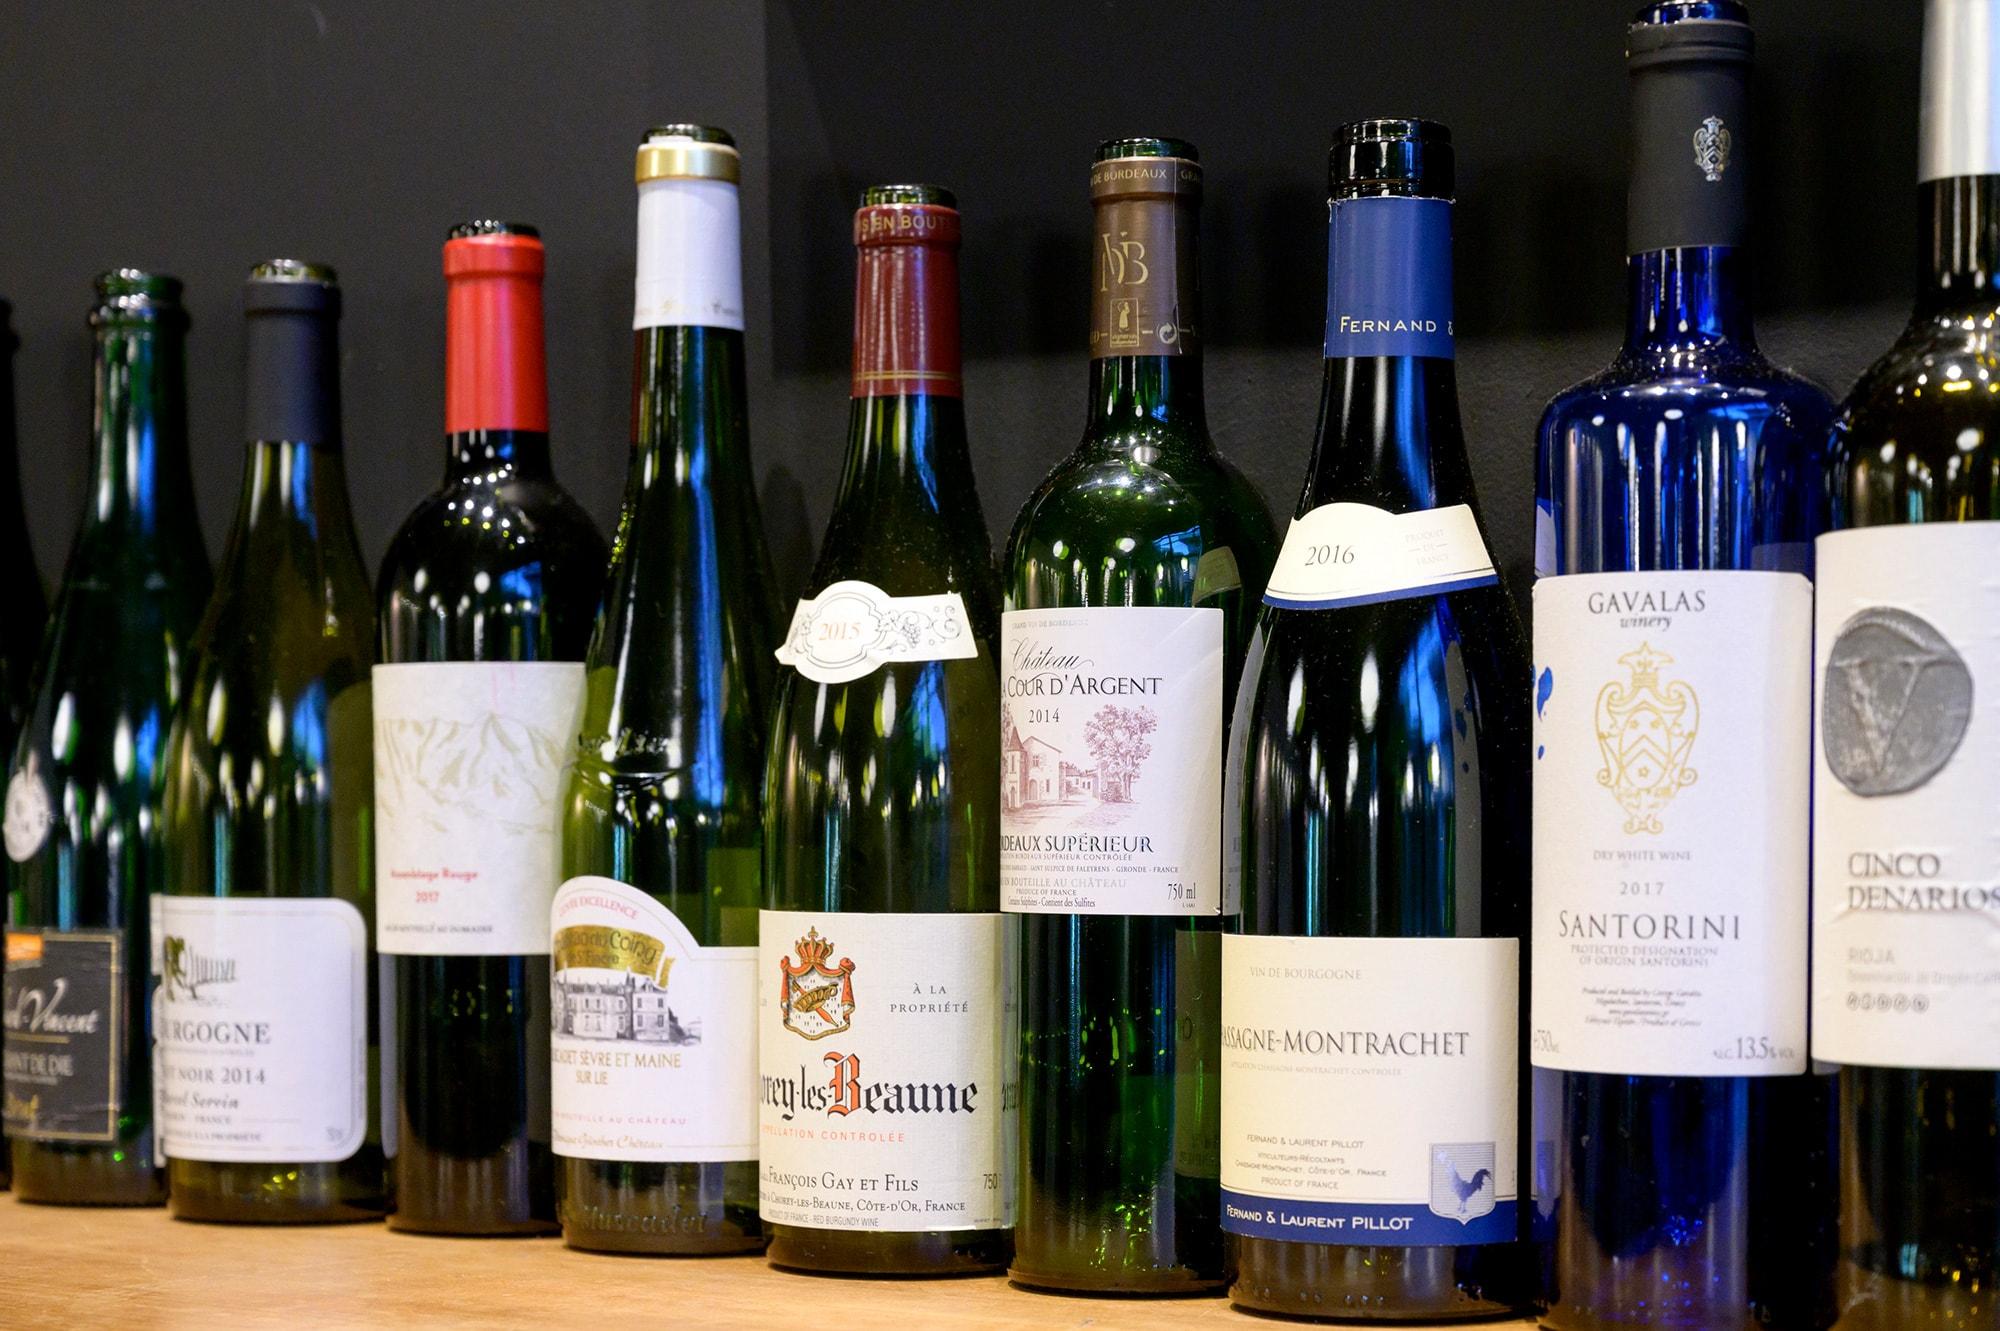 オーガニックワイン、自然派ワインを中心にワインリストも充実。